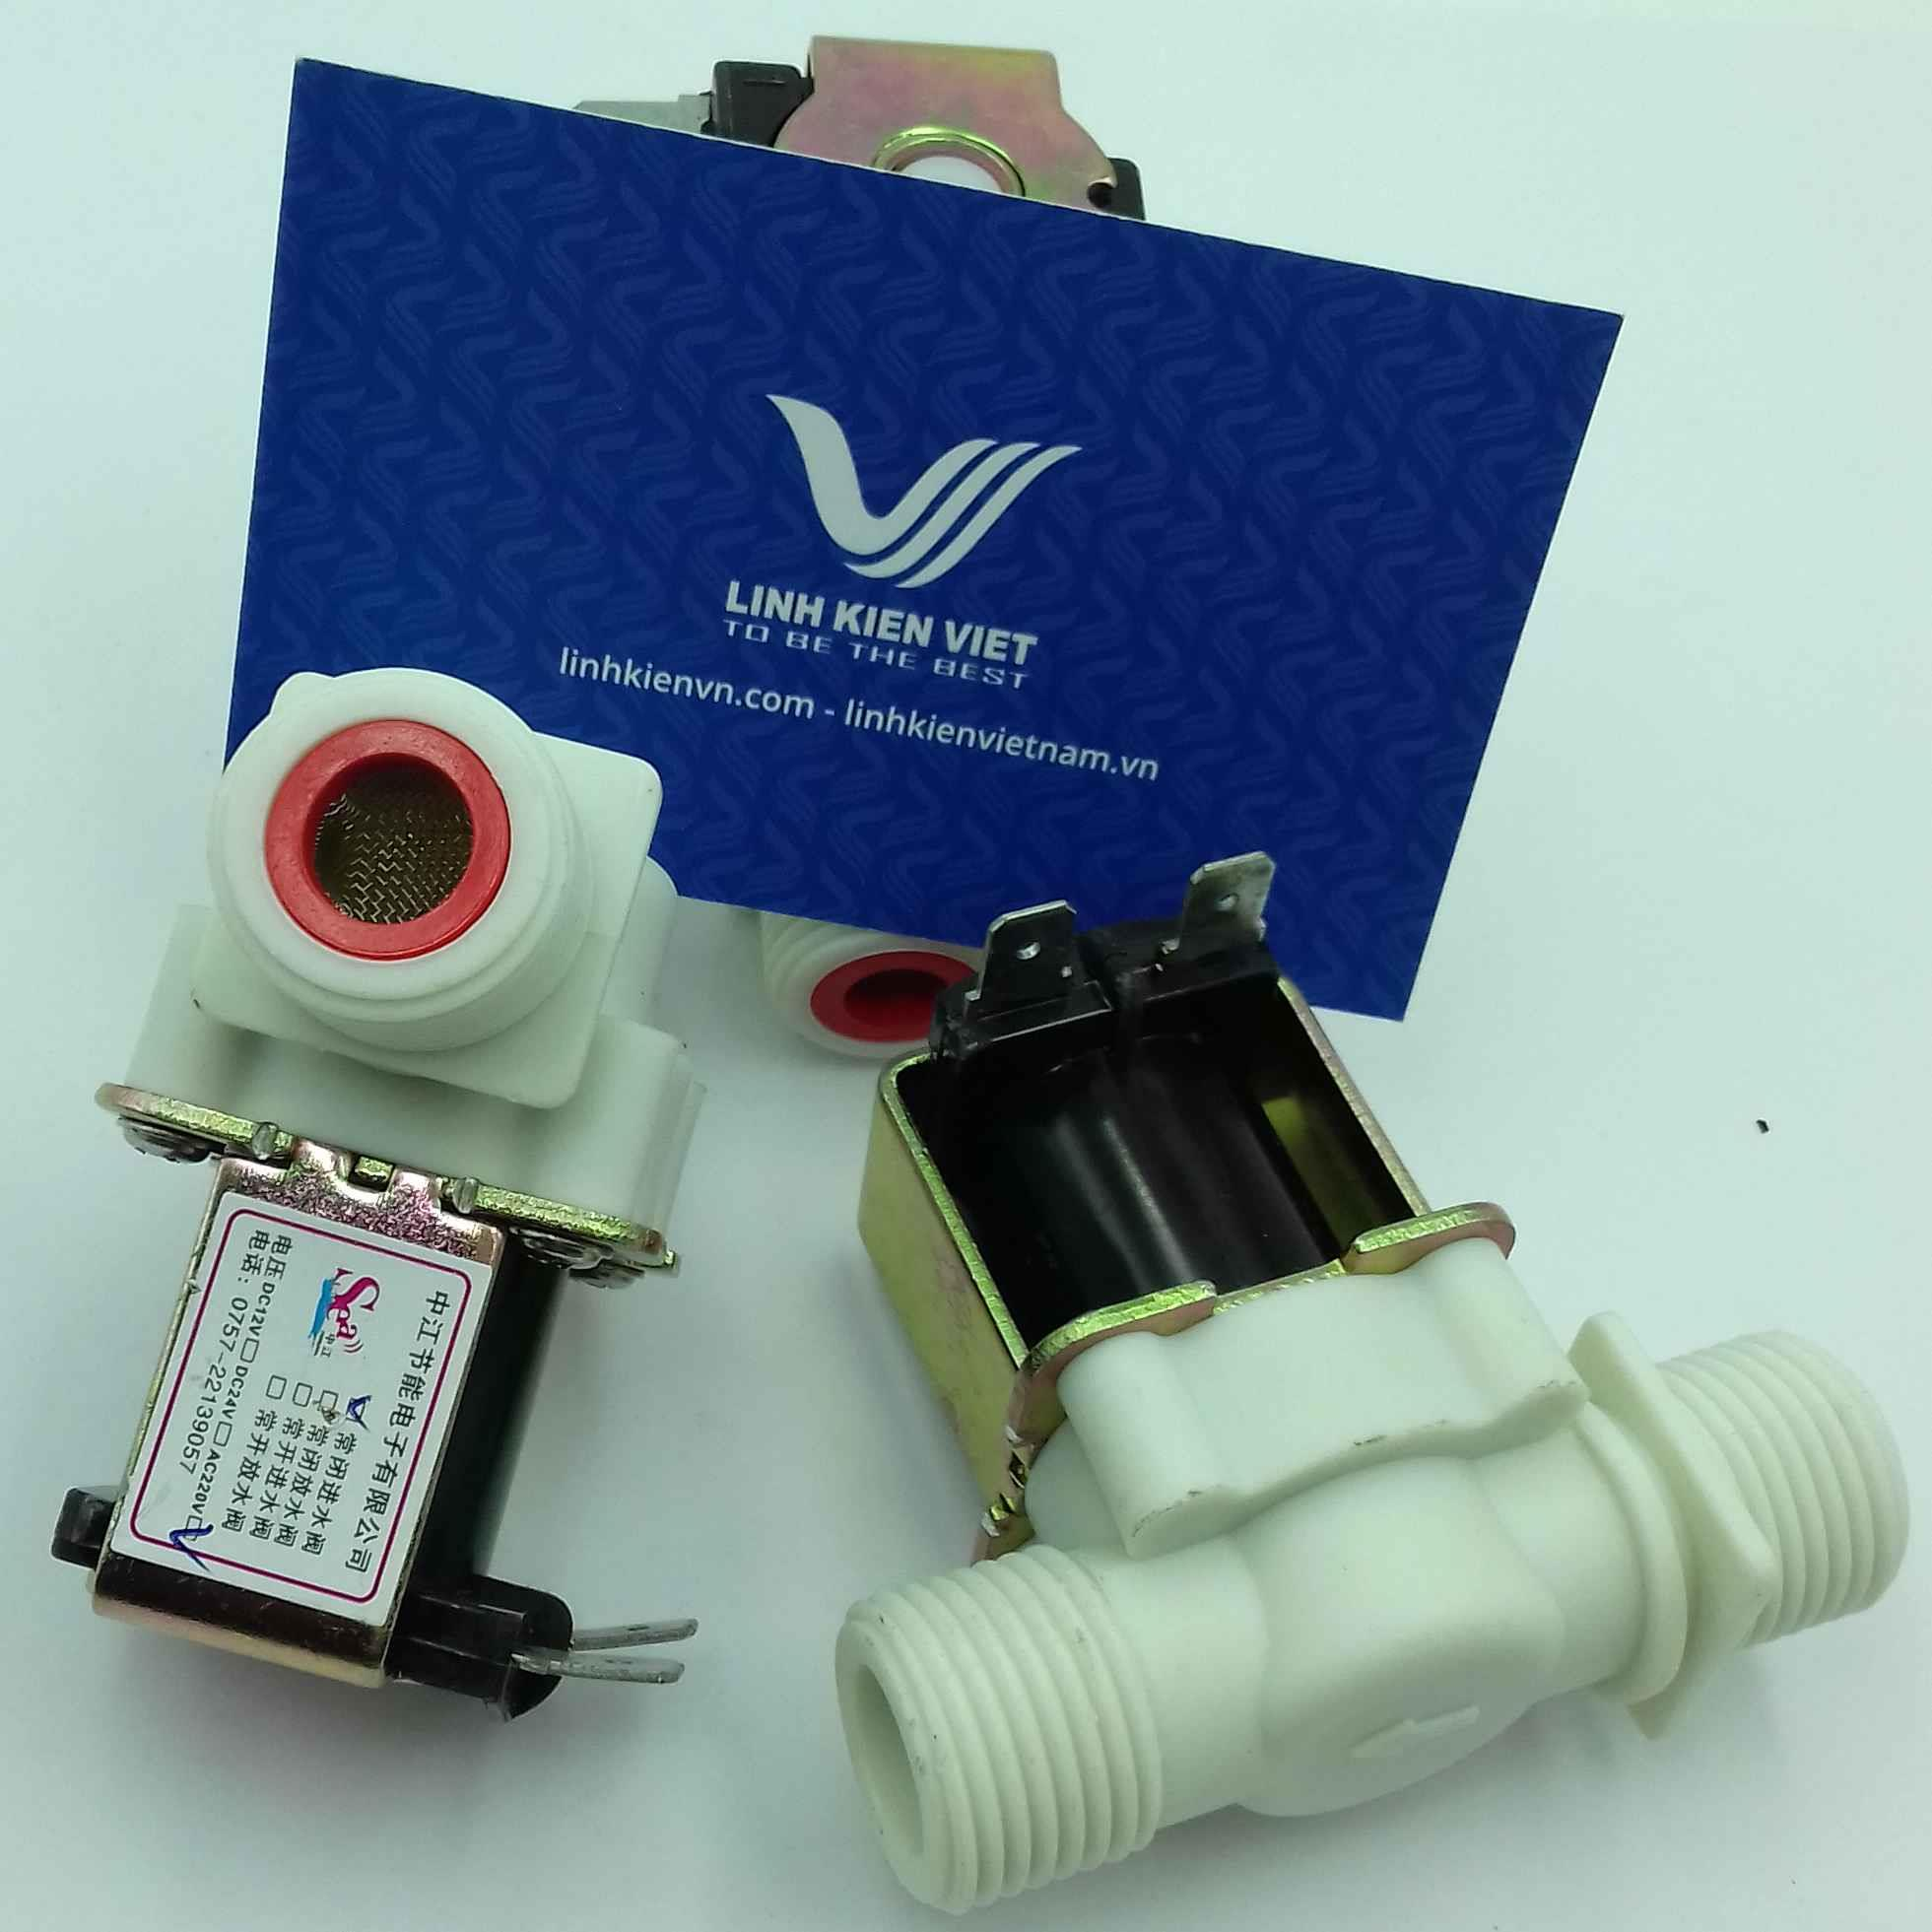 Van nước điện từ 220V / van điều khiển nước 220V - i2H15